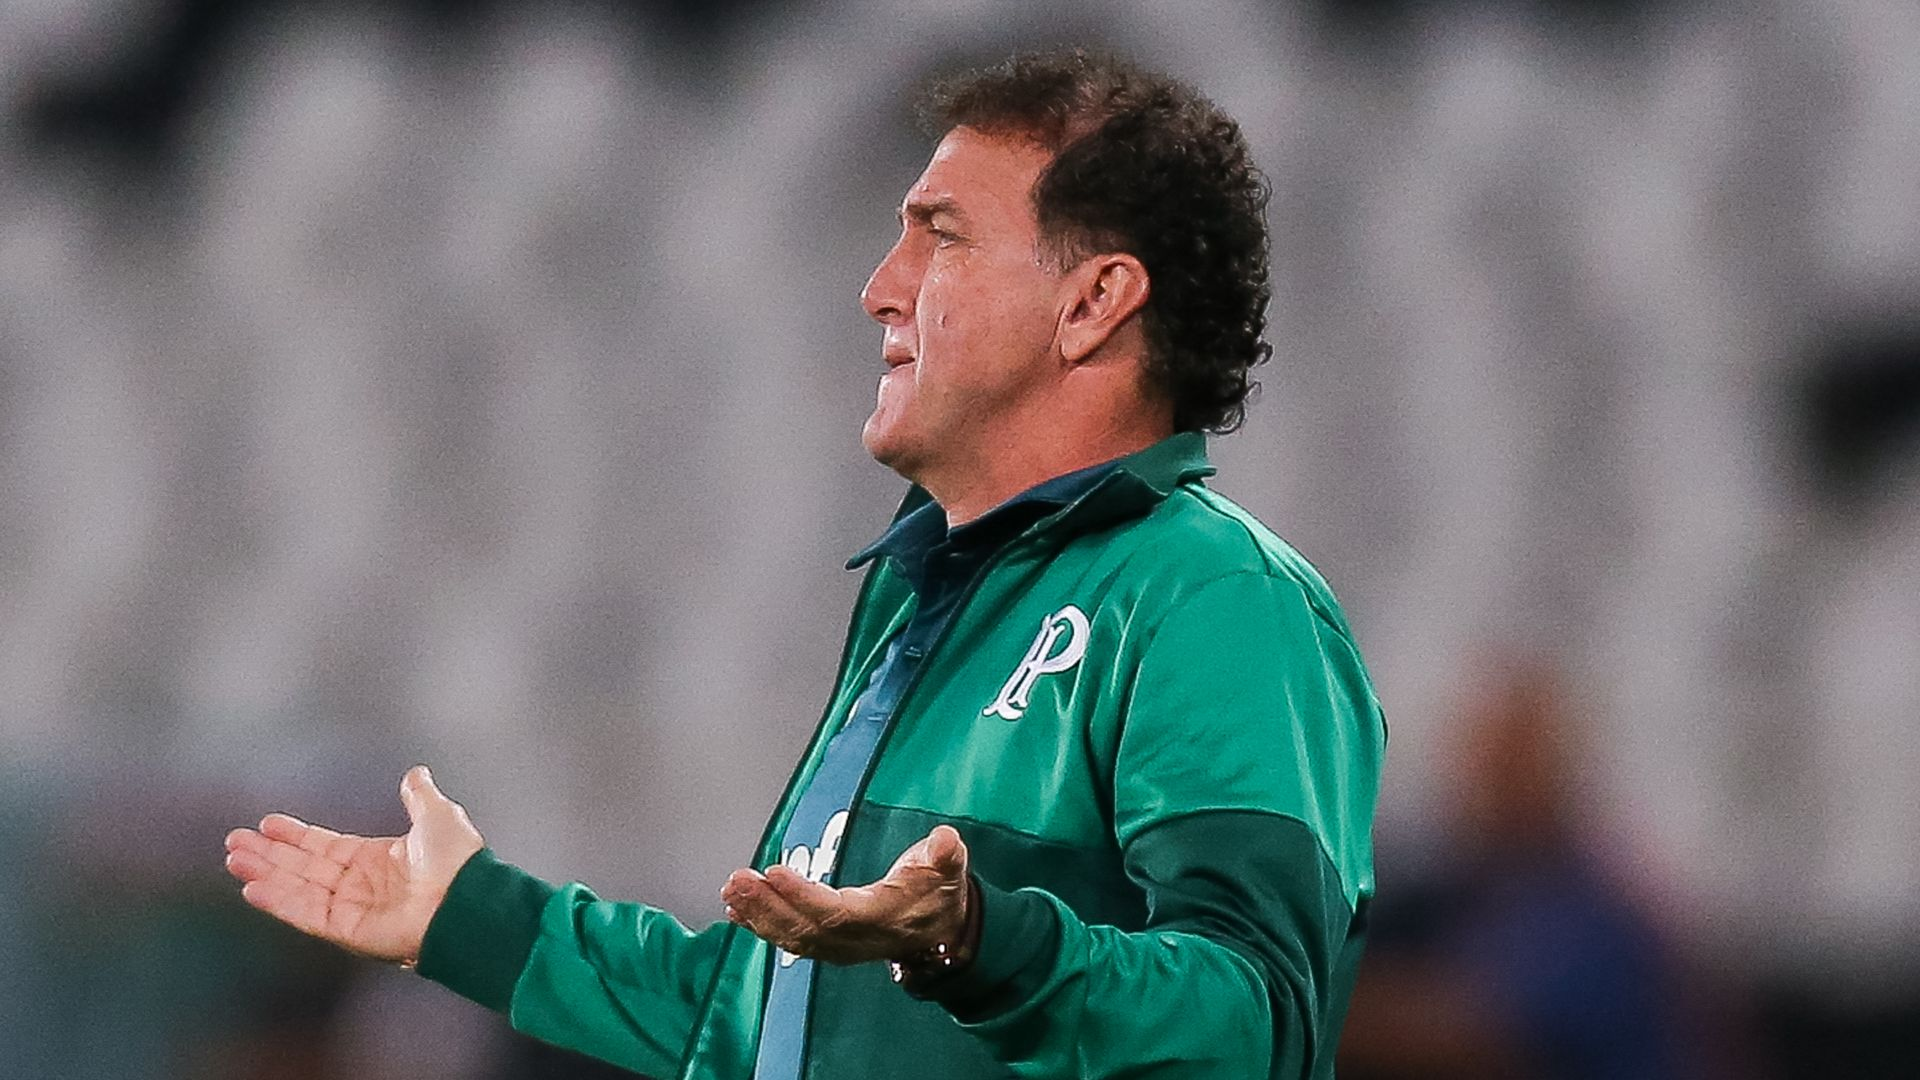 Contra o Palmeiras, Atlético inicia semana mais importante da temporada | Futebol